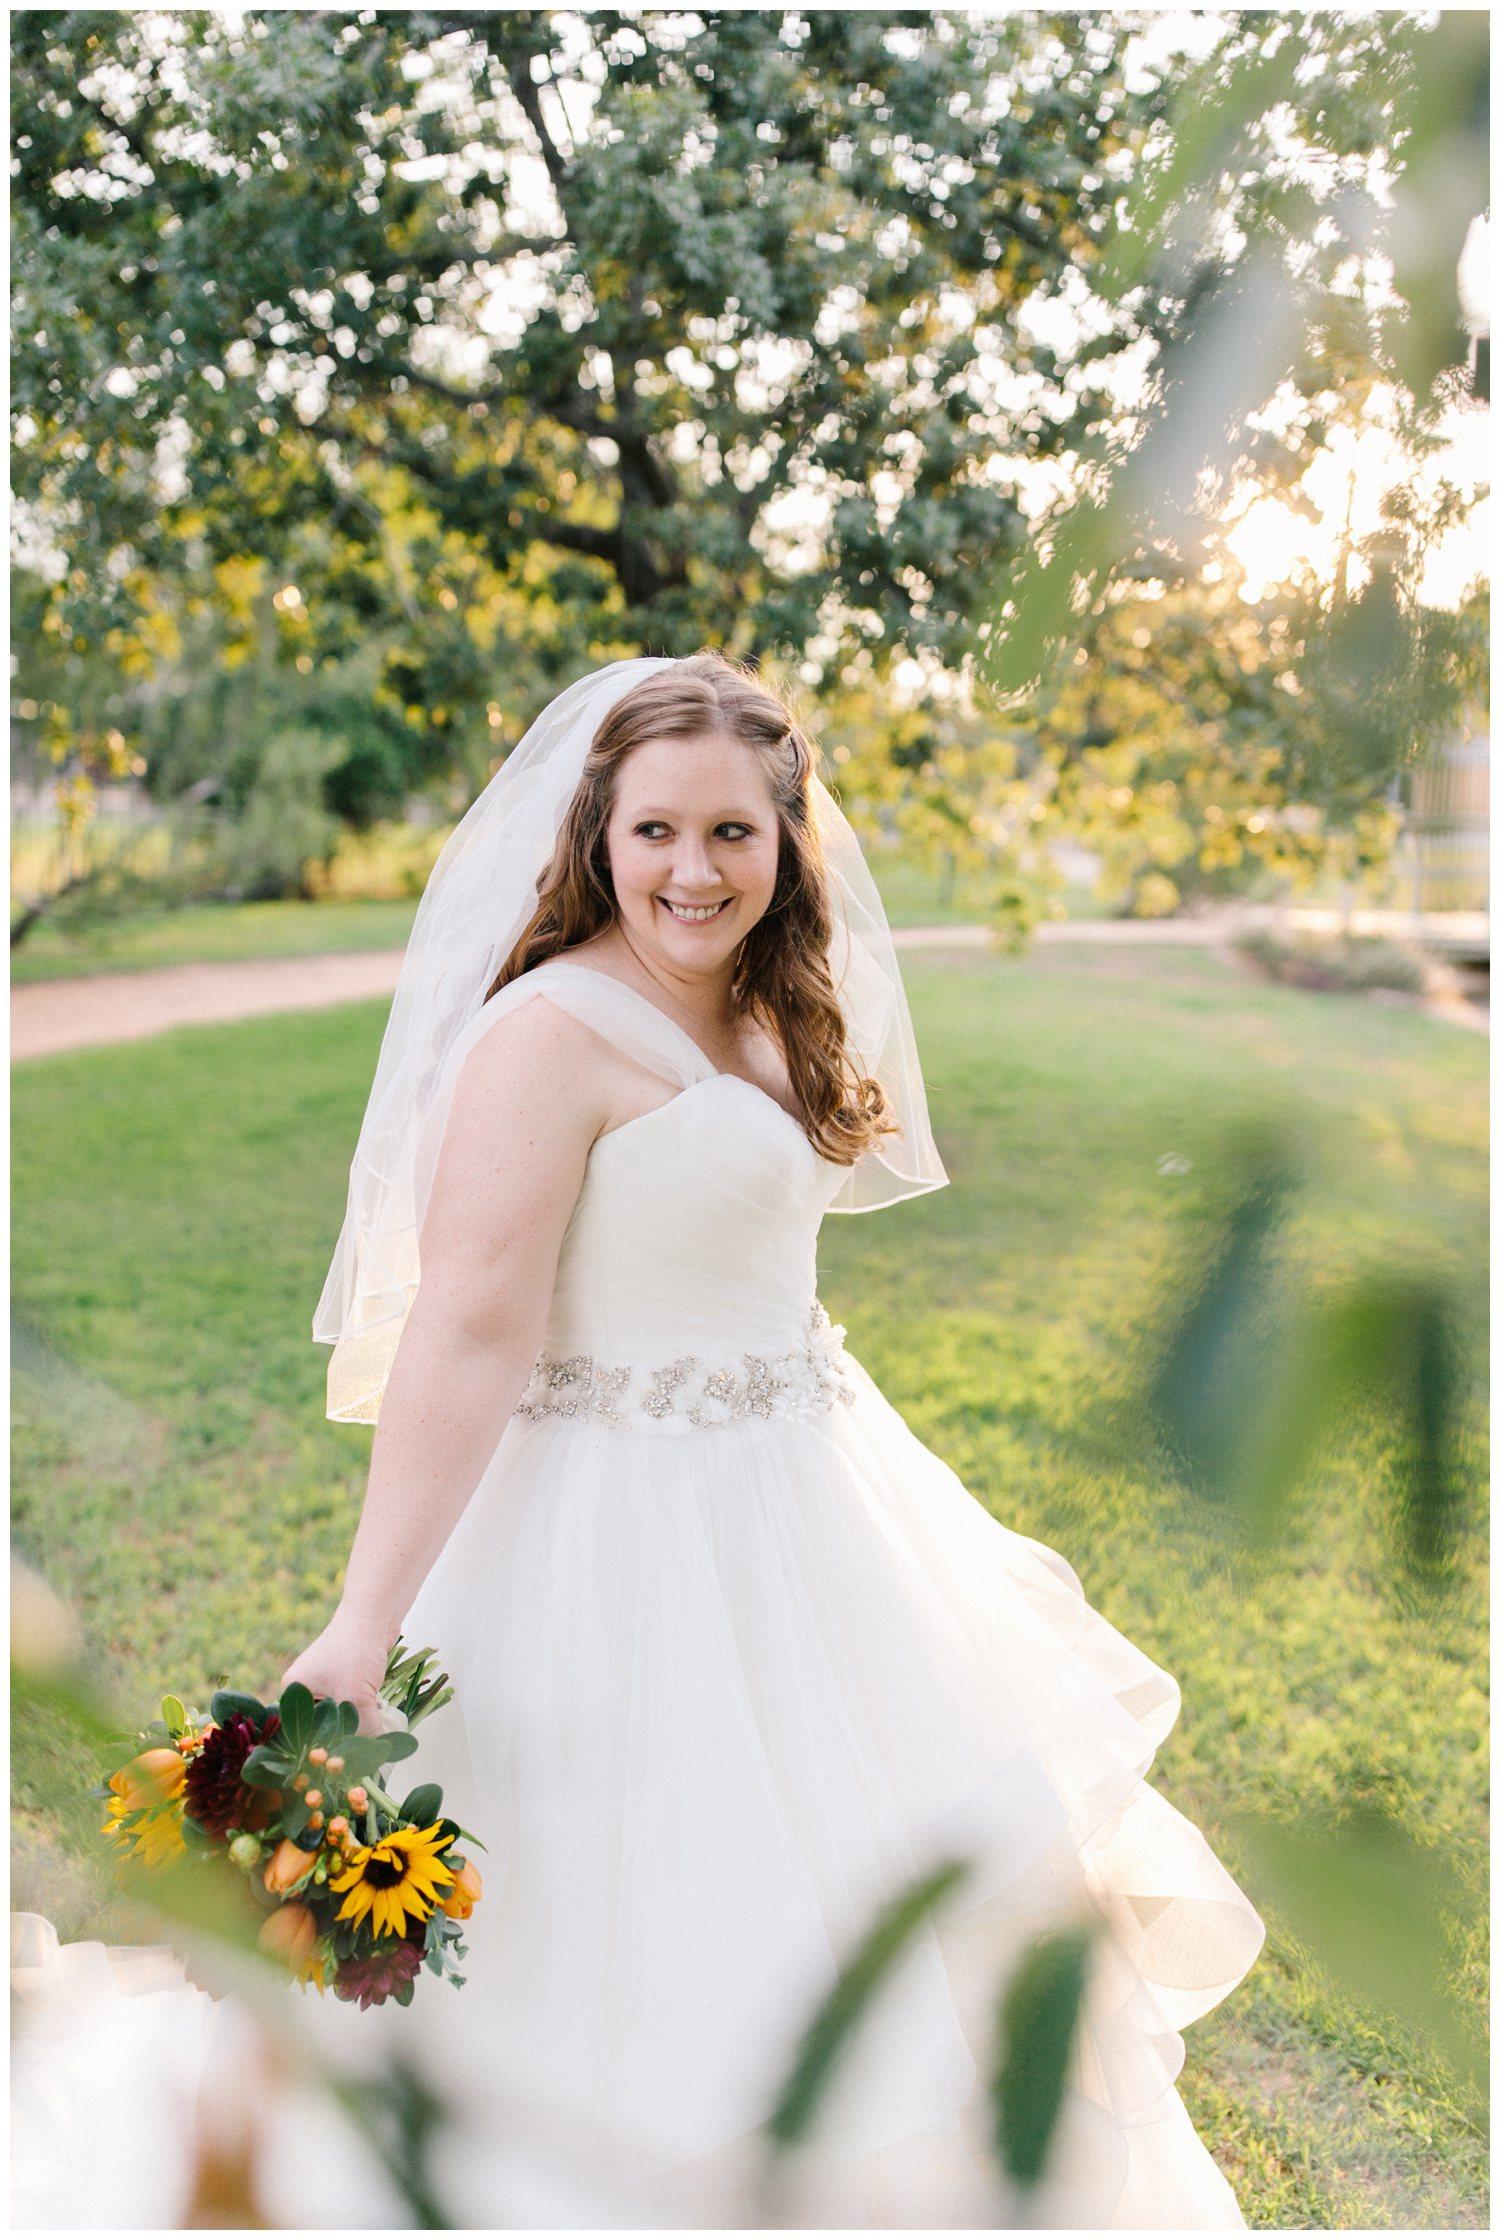 Kamie_Lubbock arboretum bridal portraits_37.jpg